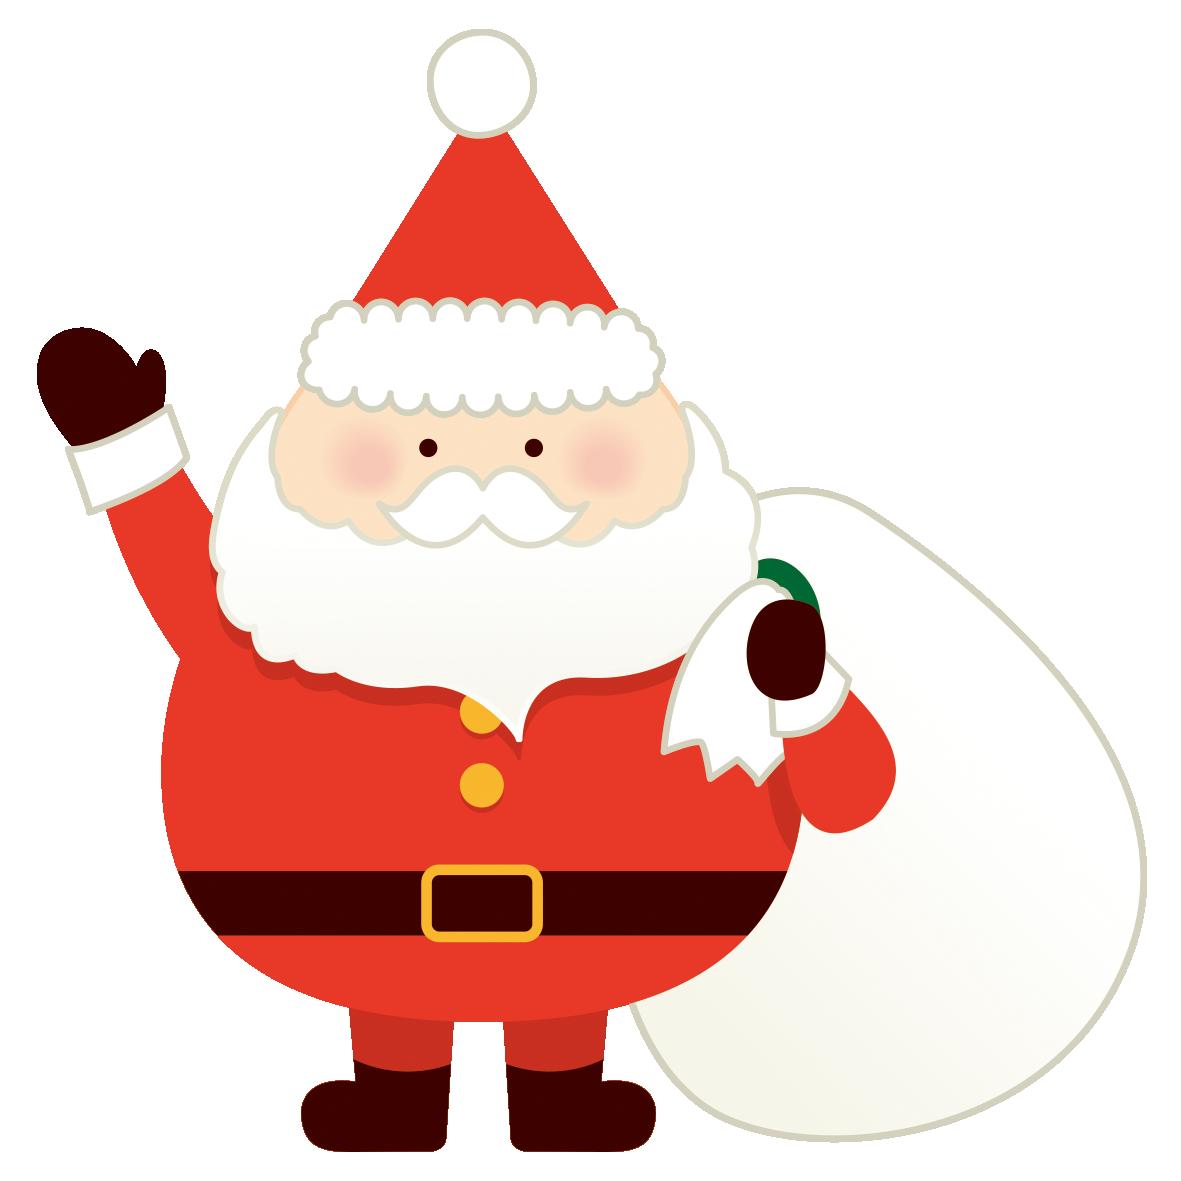 「サンタ プレゼント」の画像検索結果